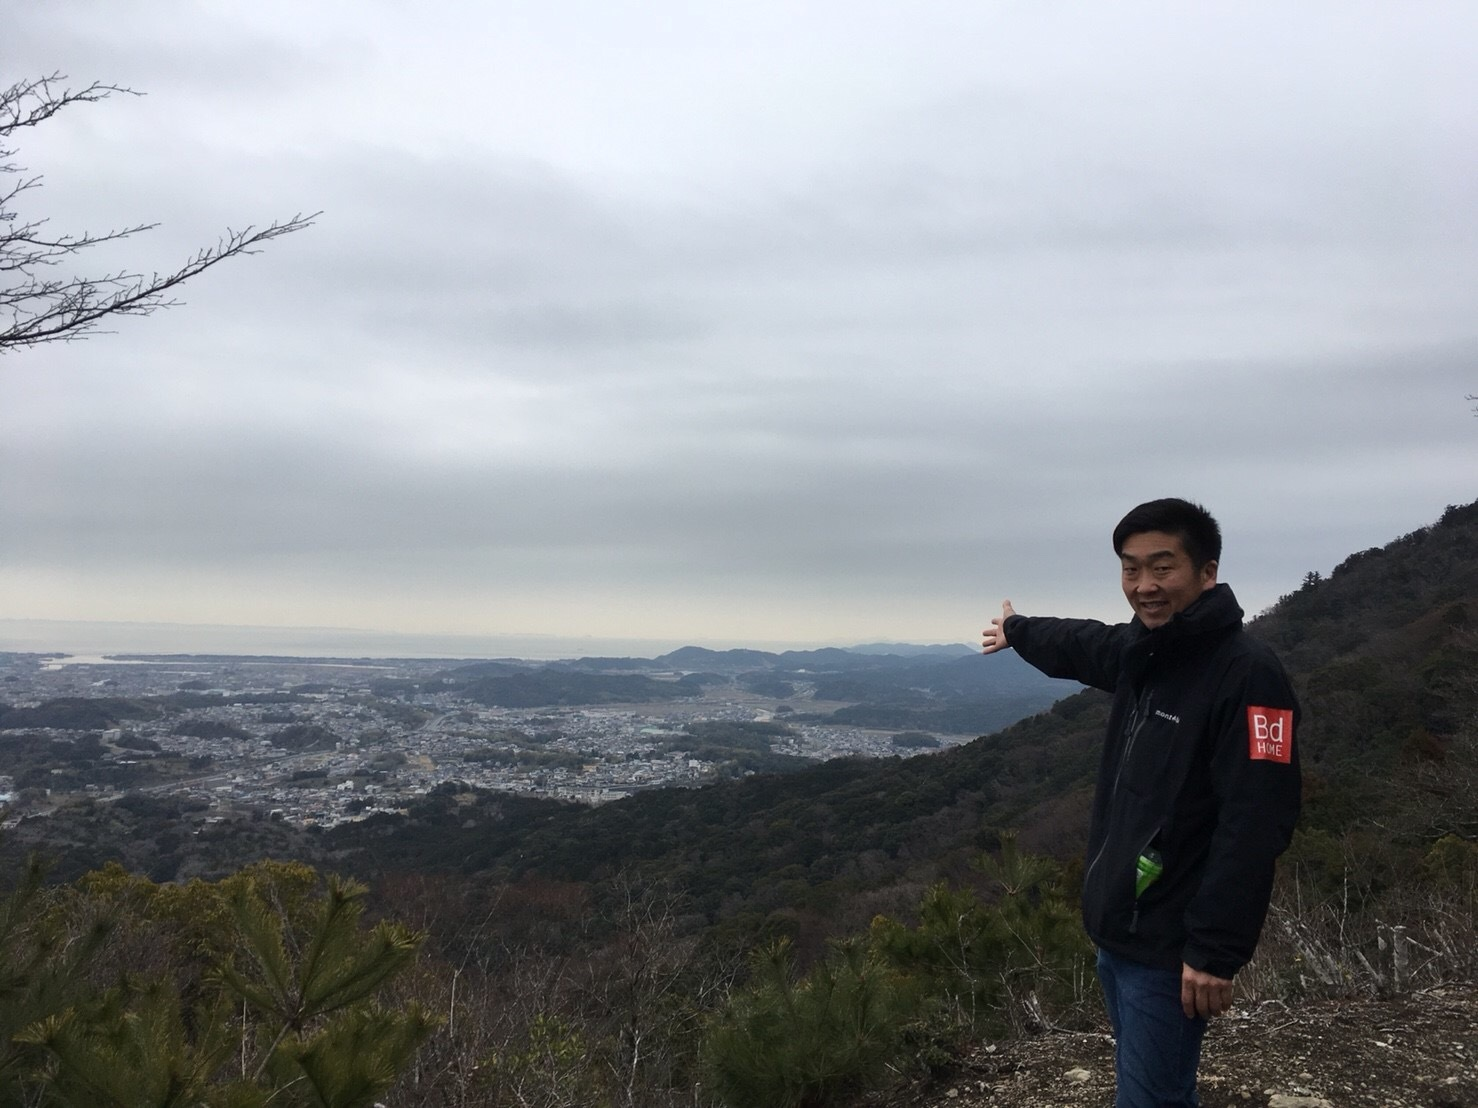 いざ! 山登り!!_e0149215_19154078.jpeg